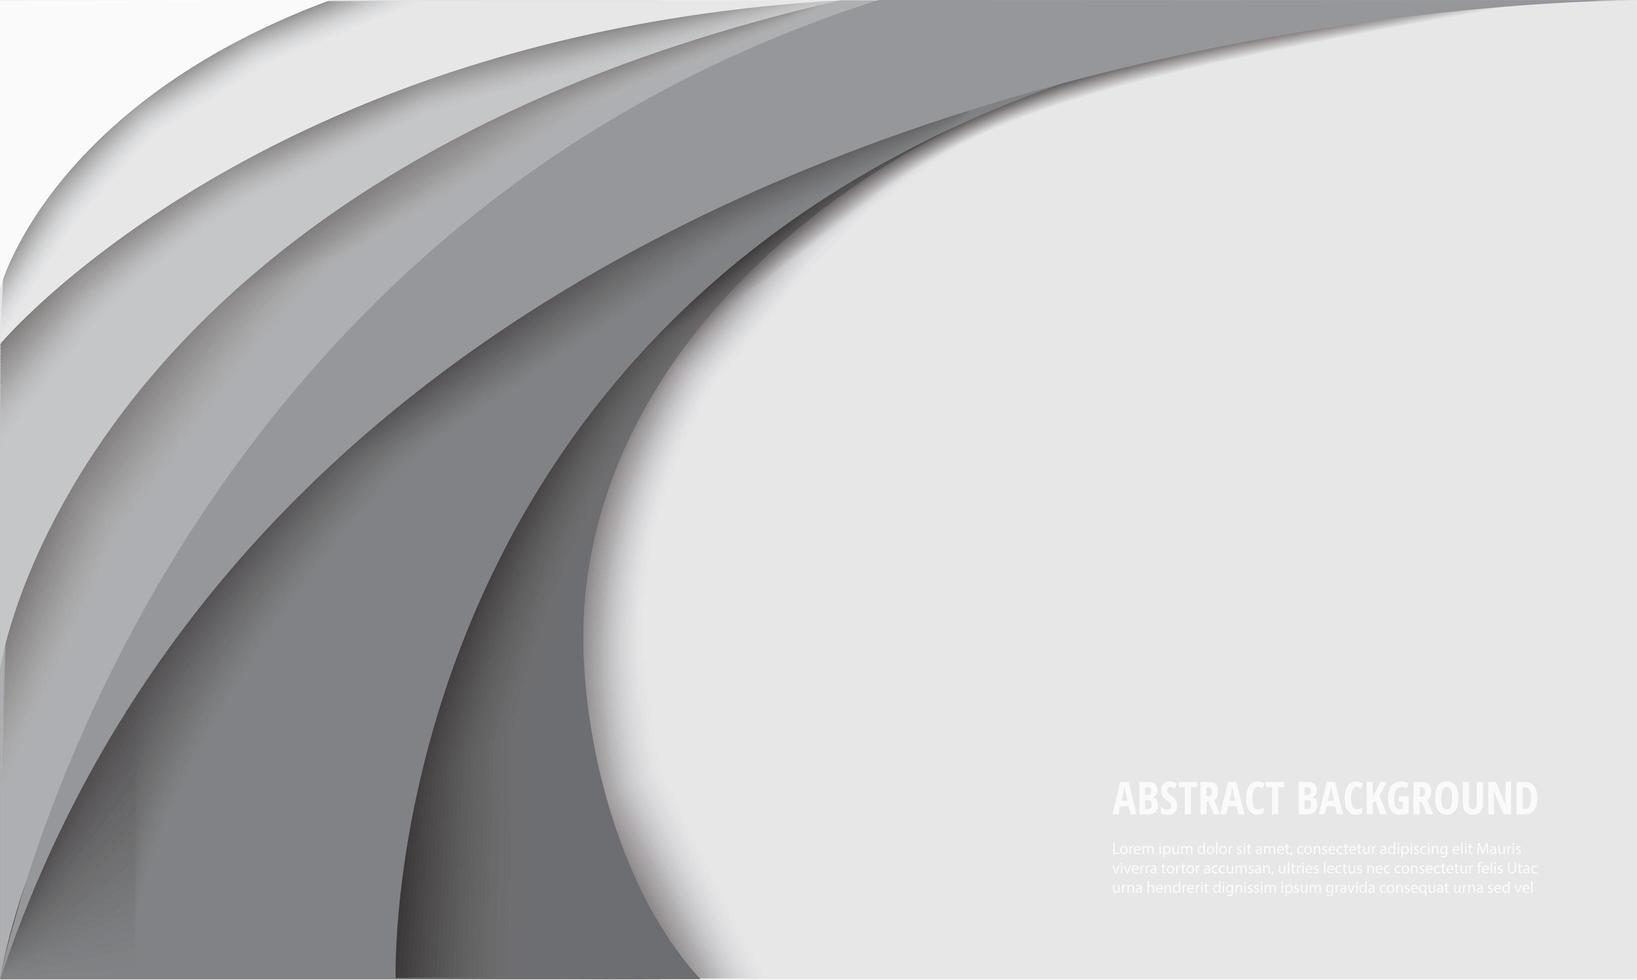 fundo branco do modelo de curva vetor